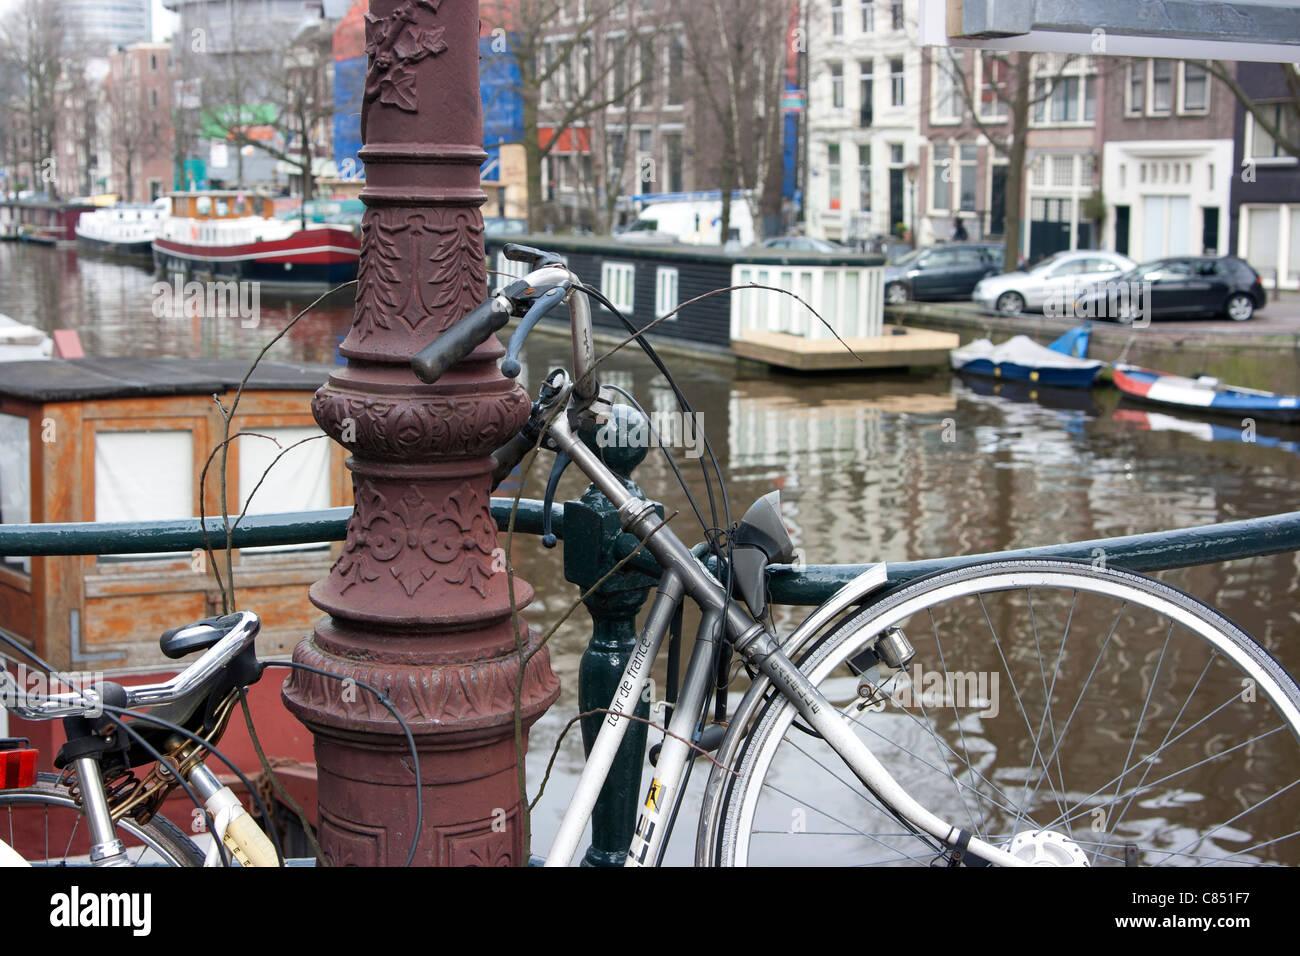 Location sur Pont sur canal en Hollande Banque D'Images